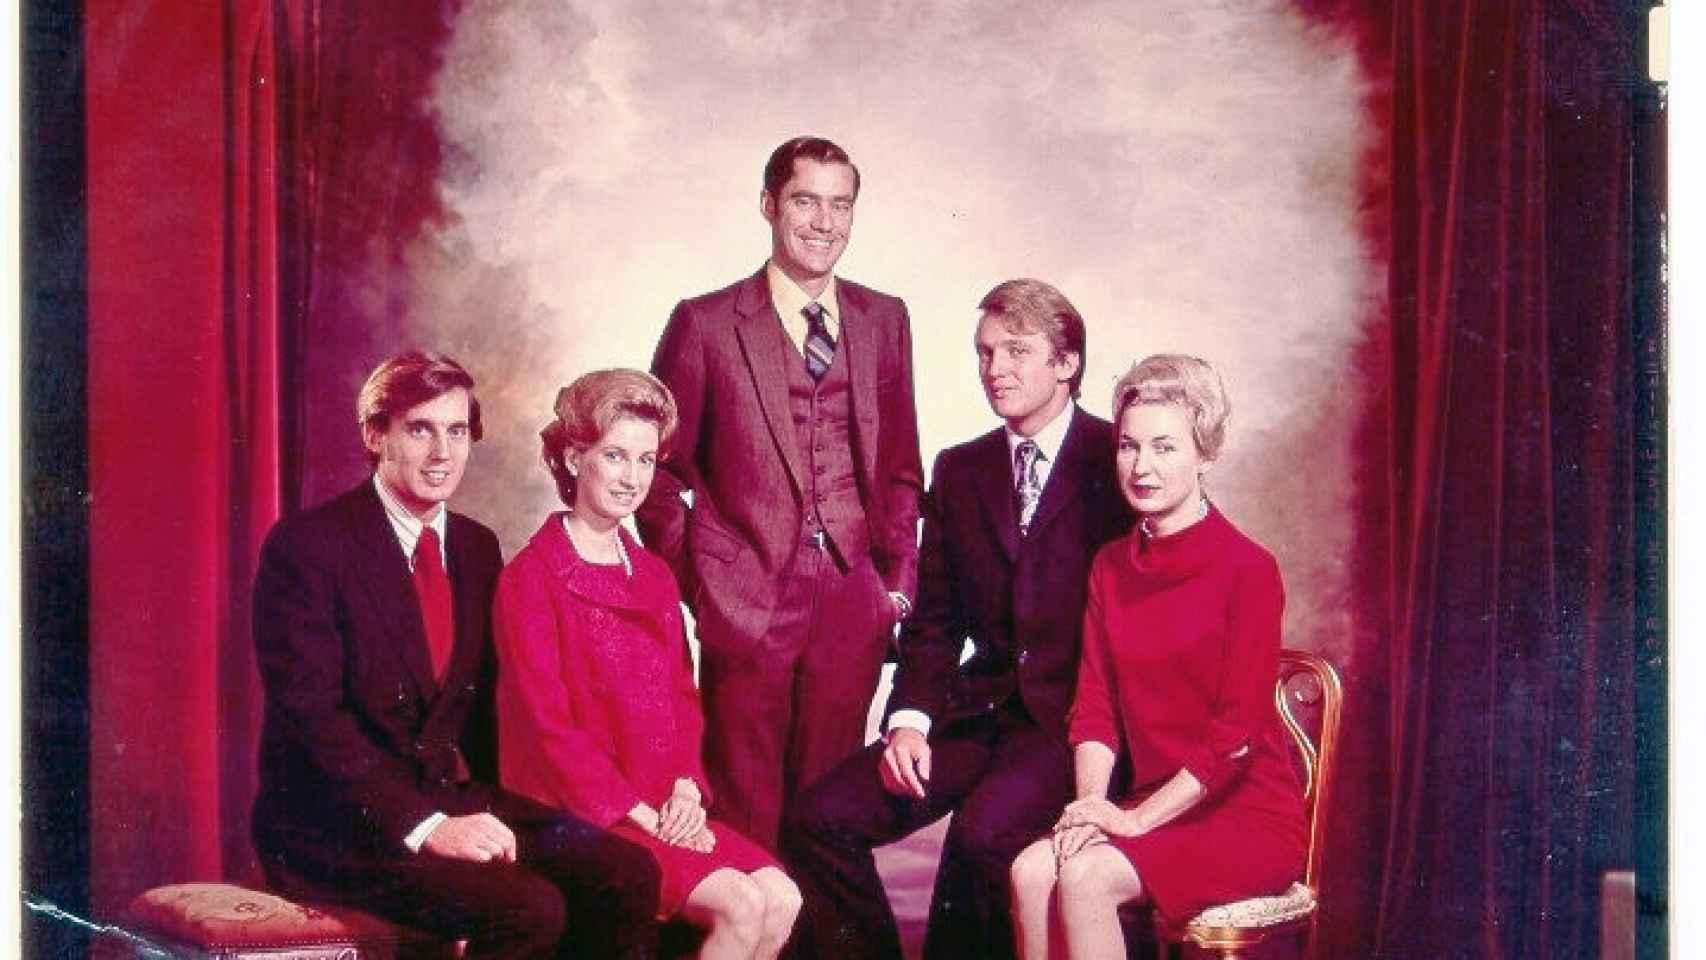 El presidente electo junto a sus hermanos. De izq. a dch.: Robert, Elizabeth, Freddy, Donald y Maryanne.